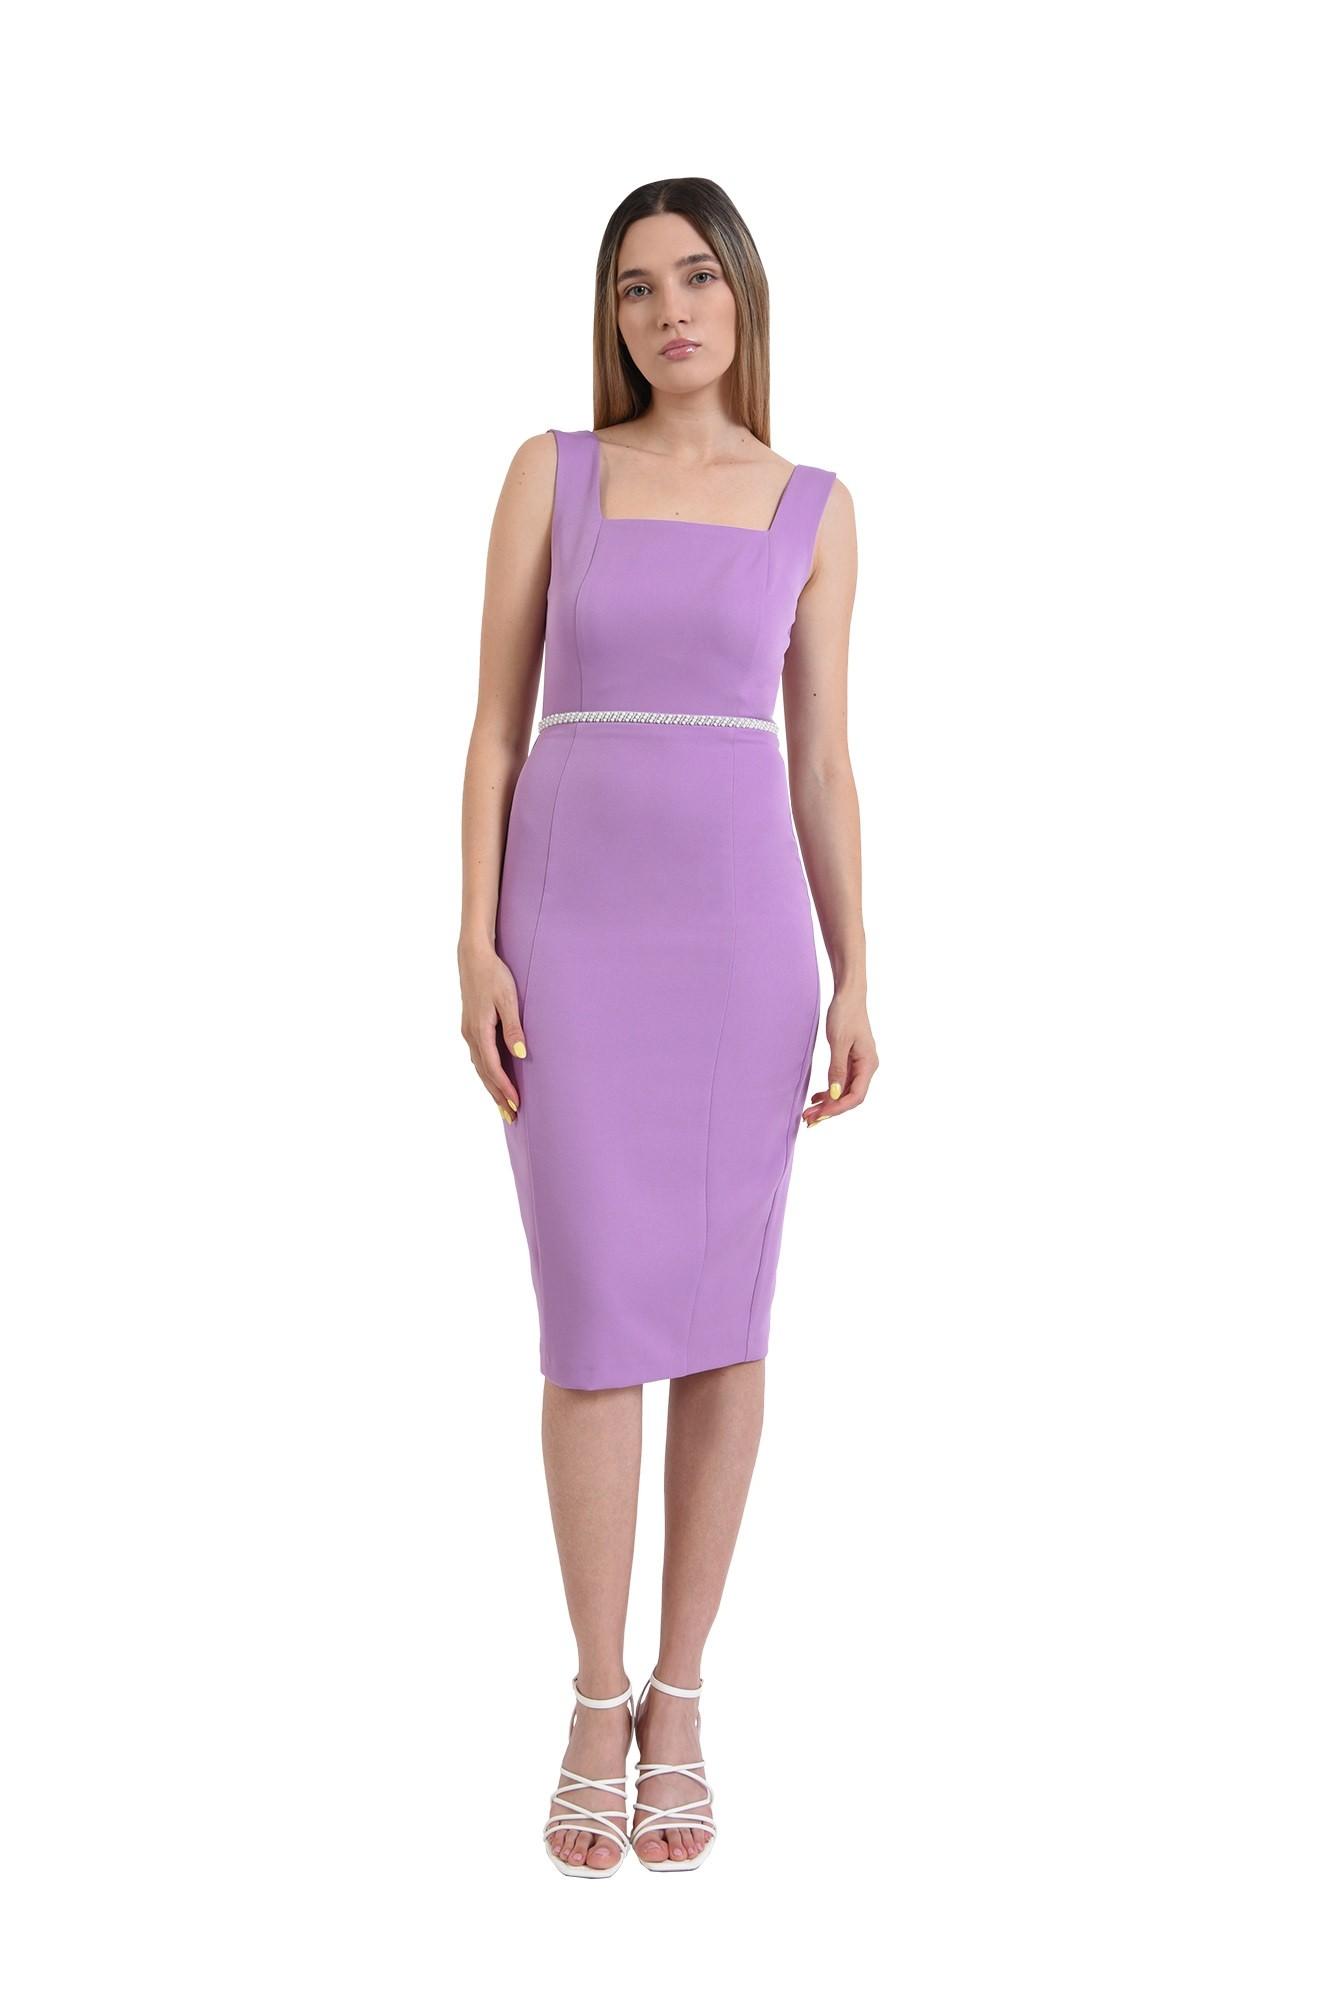 rochie midi, eleganta, lila, aplicatie la talie